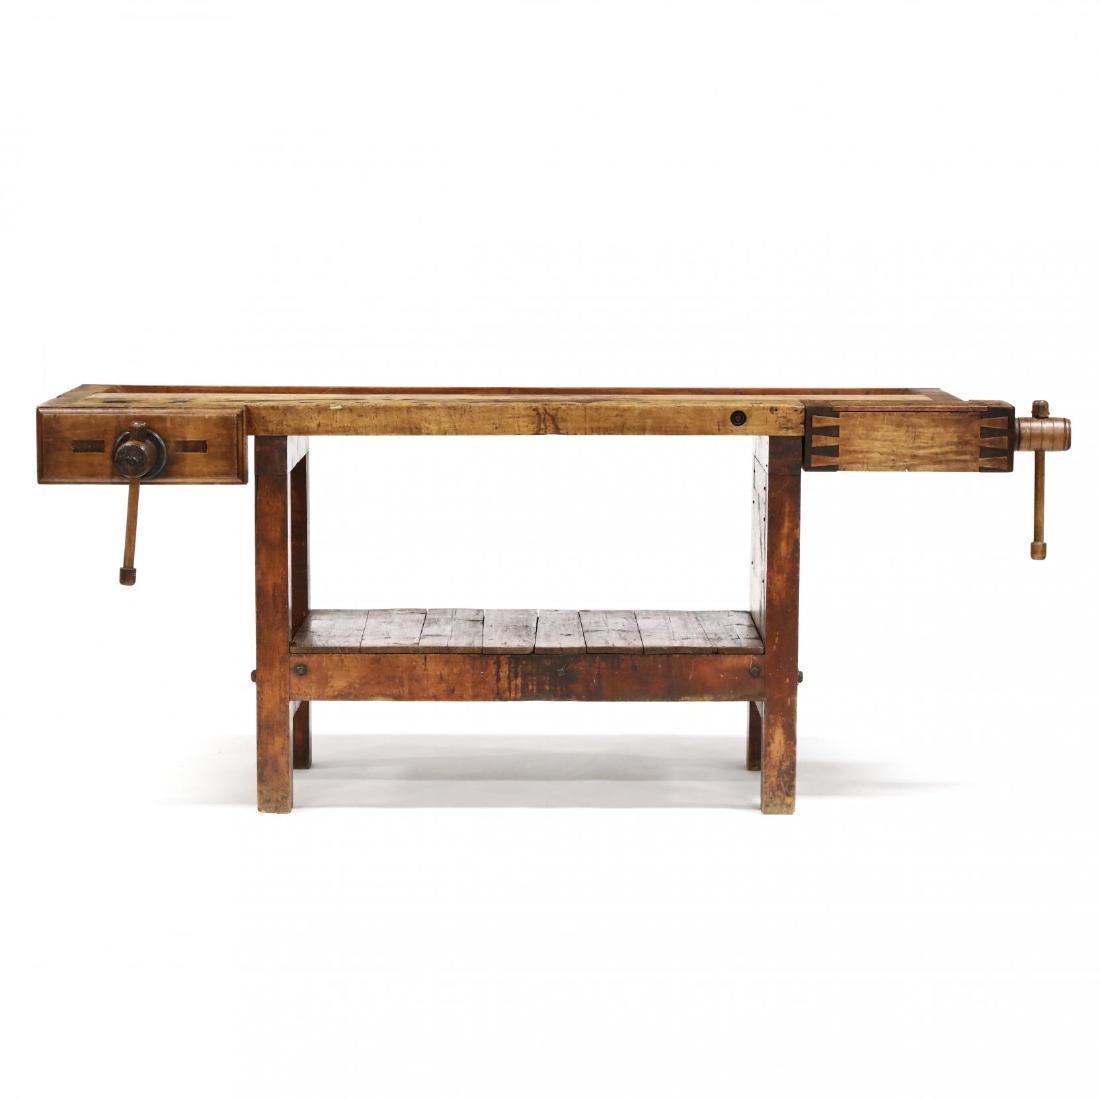 Antique Industrial Workbench / Desk